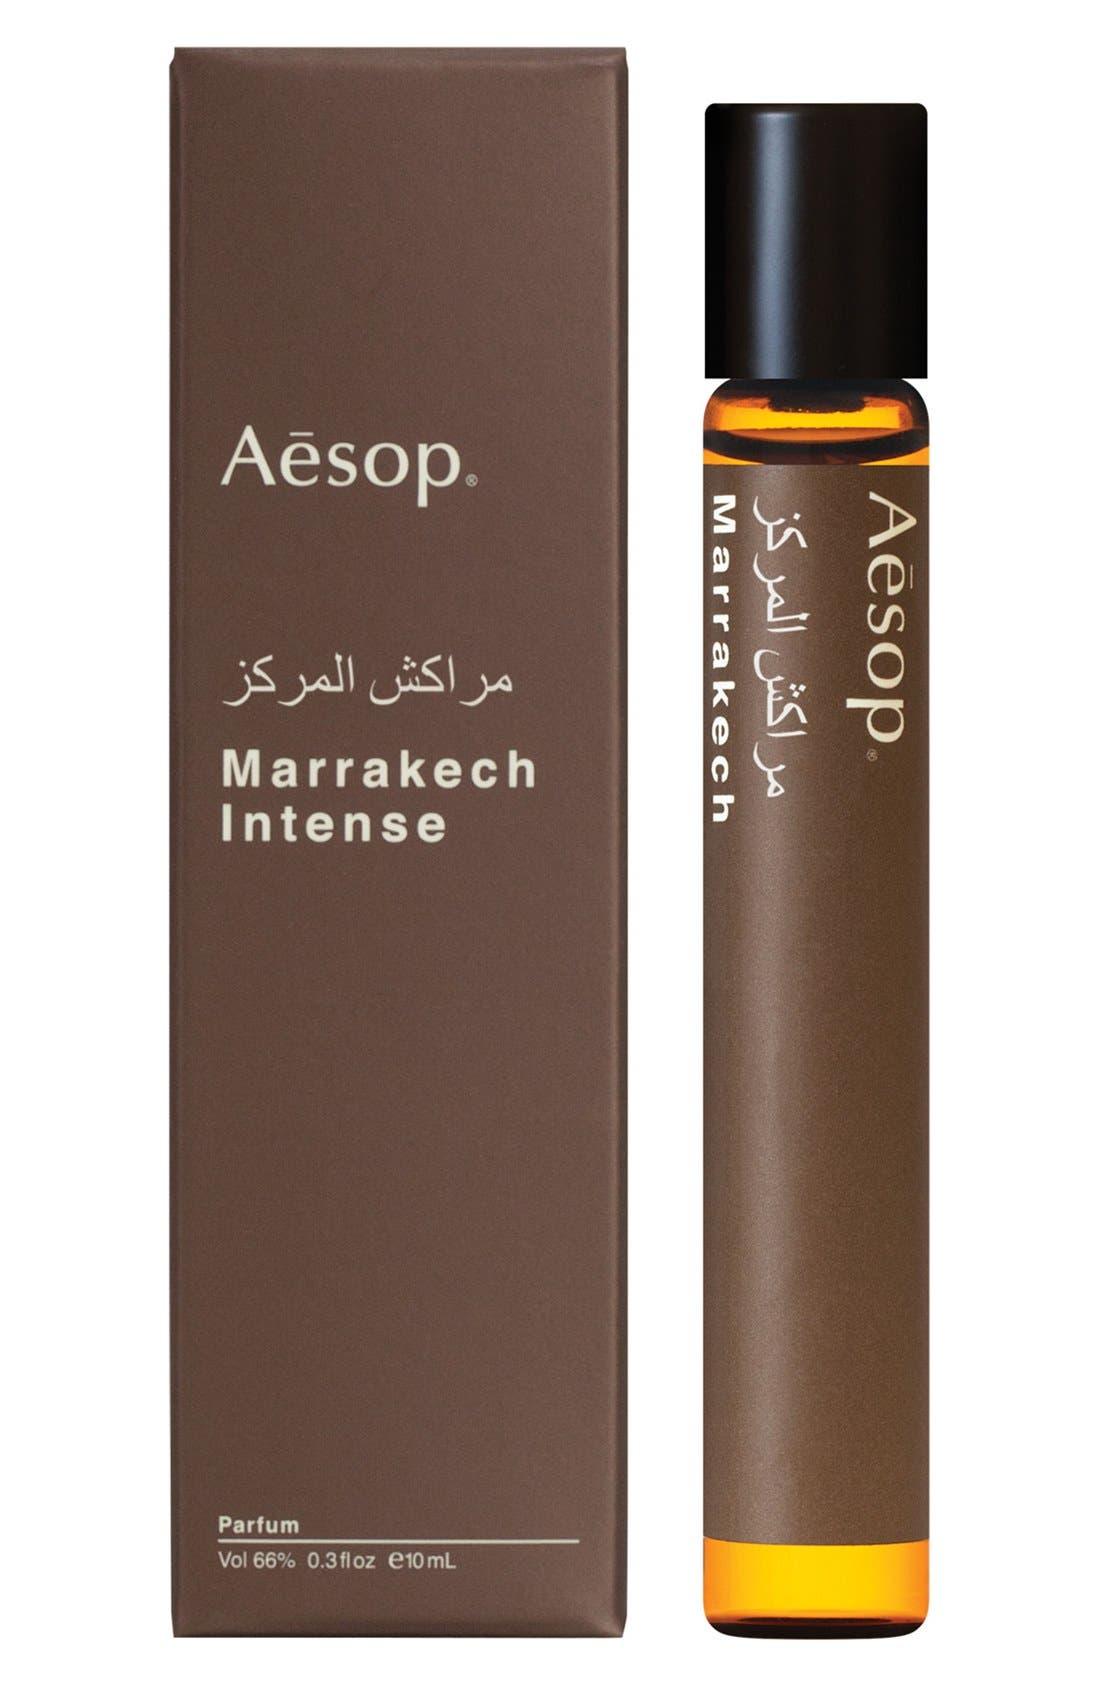 Aesop Marrakech Intense Parfum